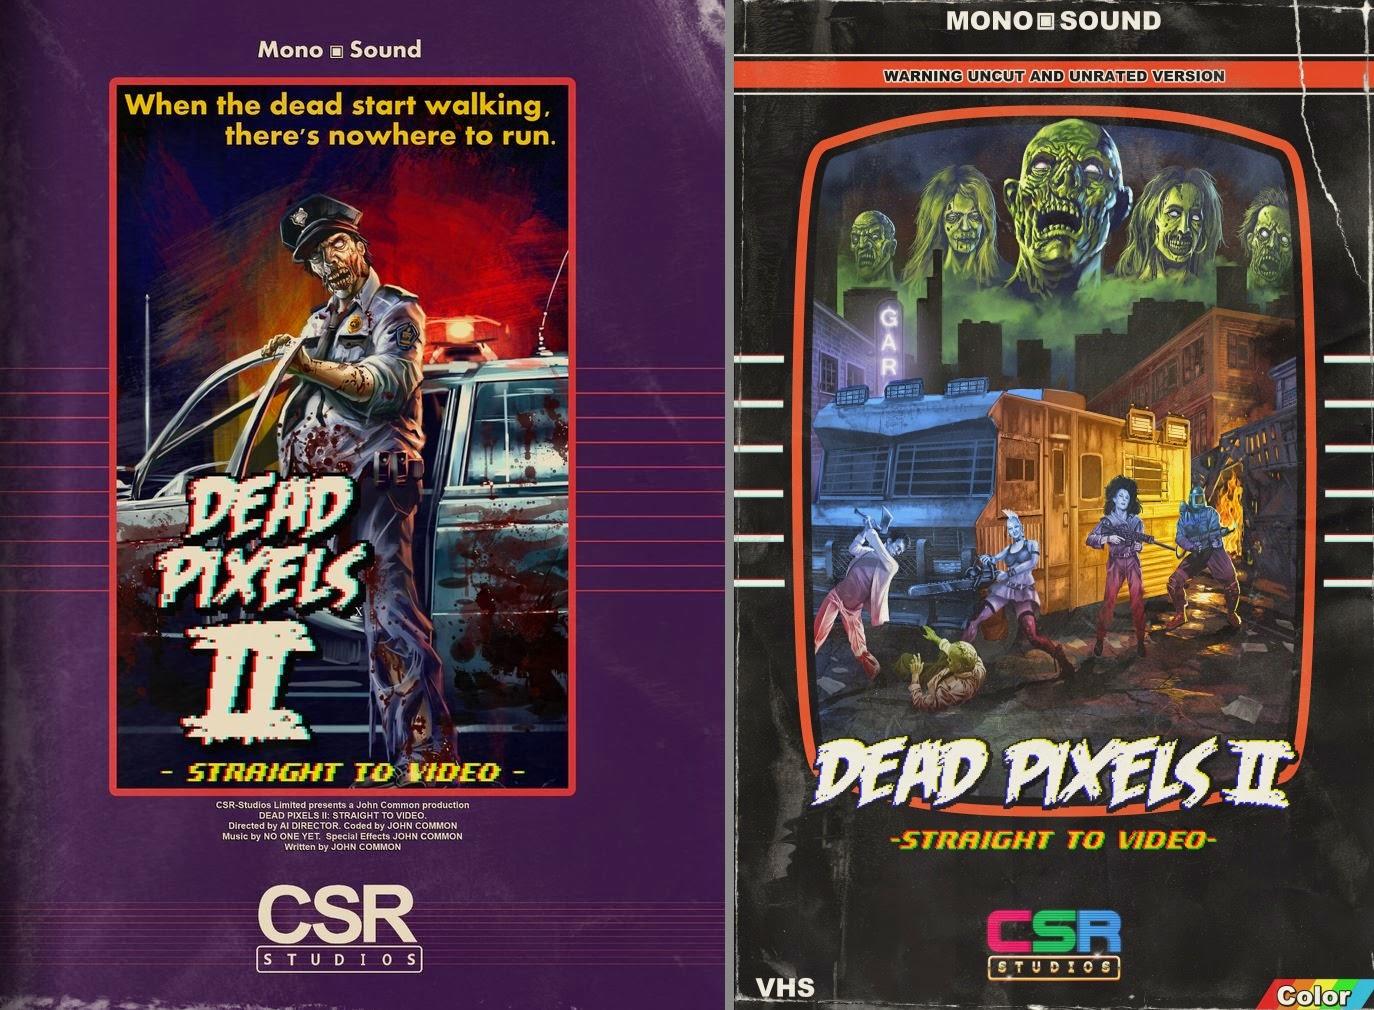 Dead Pixels 2 - vhs boxart (by Grimbro)